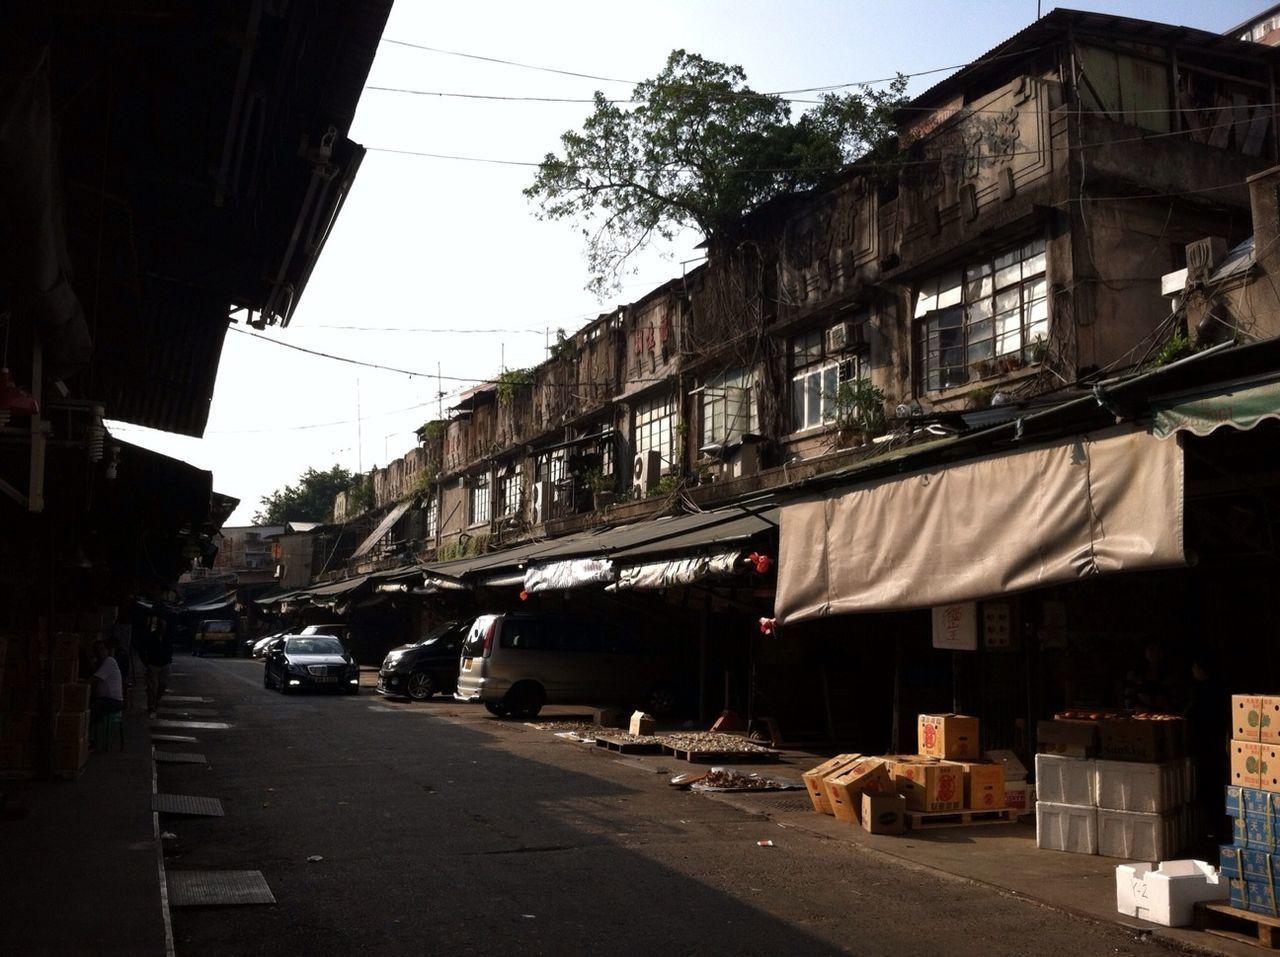 Old Buildings Of Hong Kong EyeEm Diversity